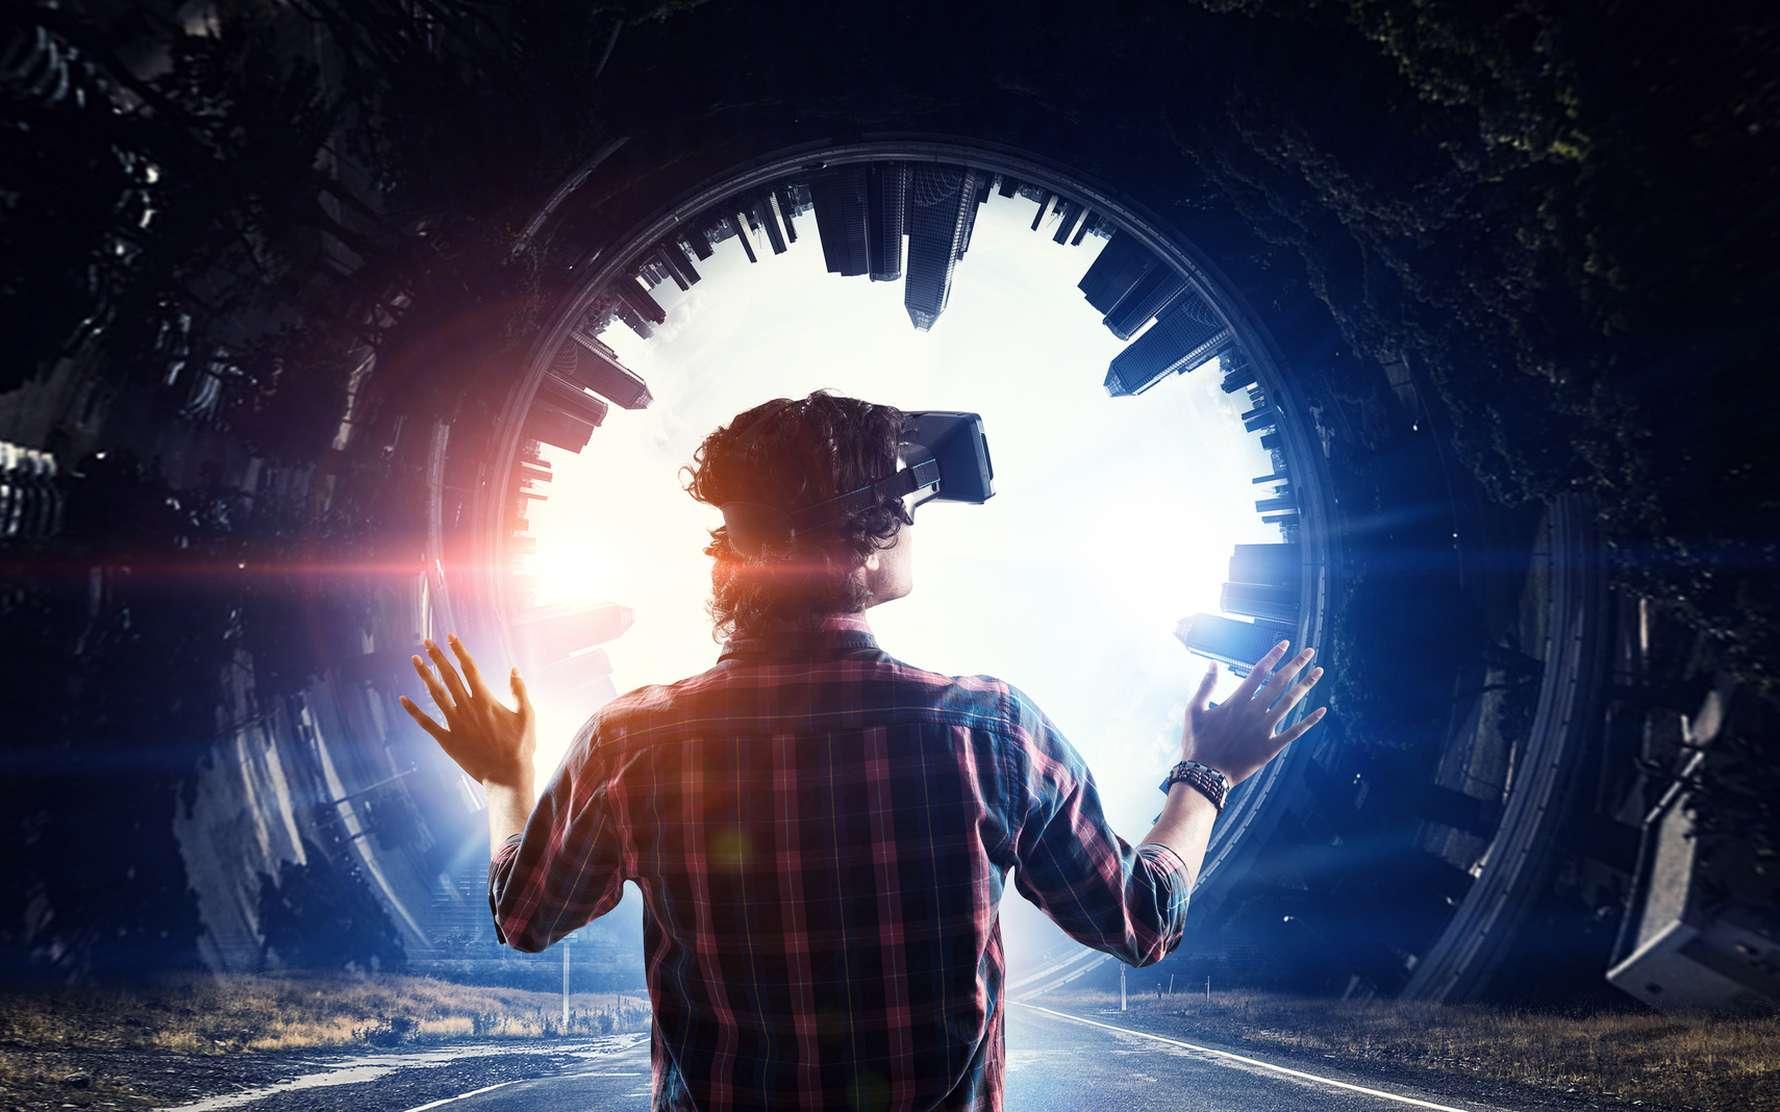 Ready Player One, le dernier Spielberg, fait entrer le spectateur dans la réalité virtuelle de façon magistrale. ©️ Sergey Nivens, Fotolia